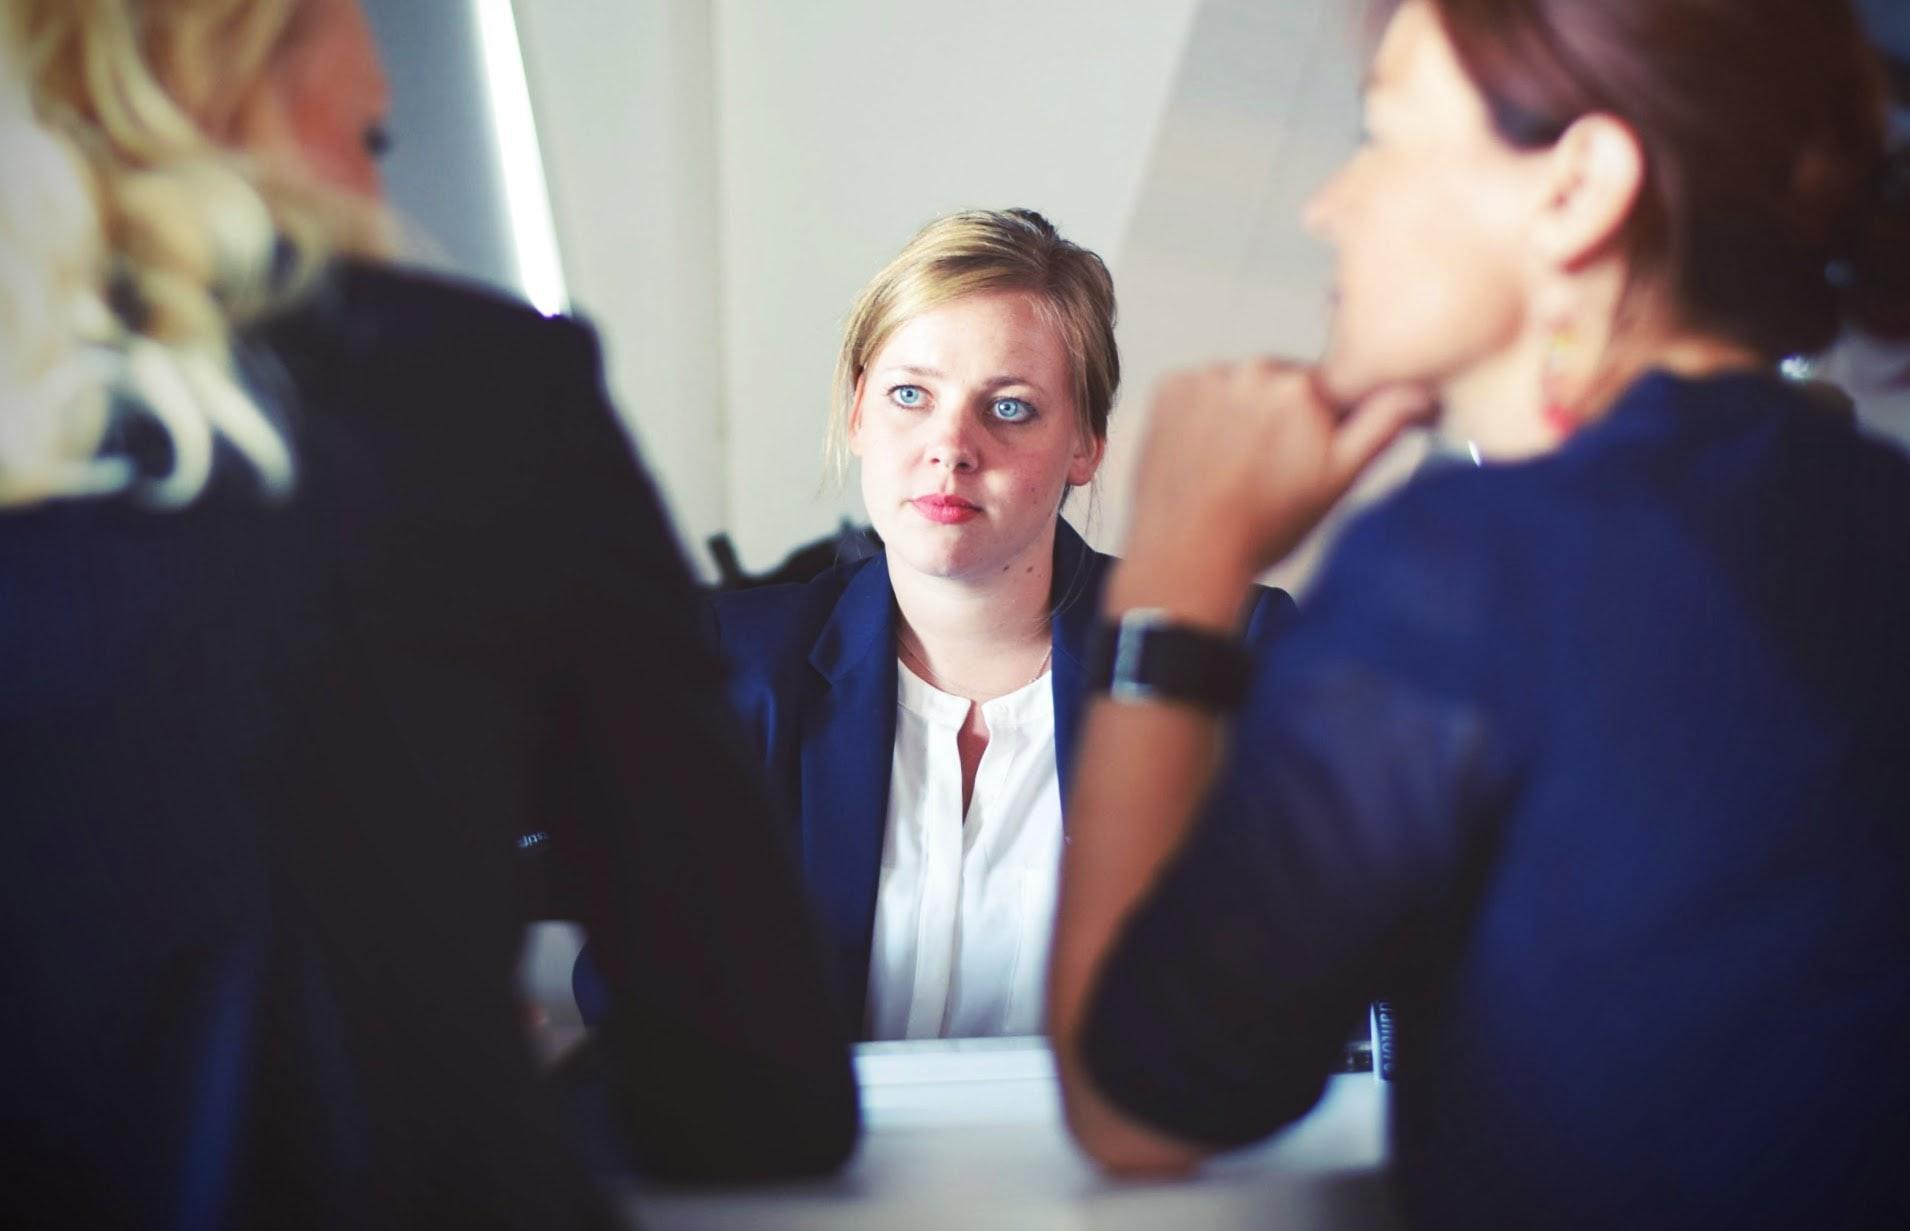 В Твери женщины чаще мужчин сталкиваются с дискриминацией по полу и семейному статусу при трудоустройстве - новости Афанасий